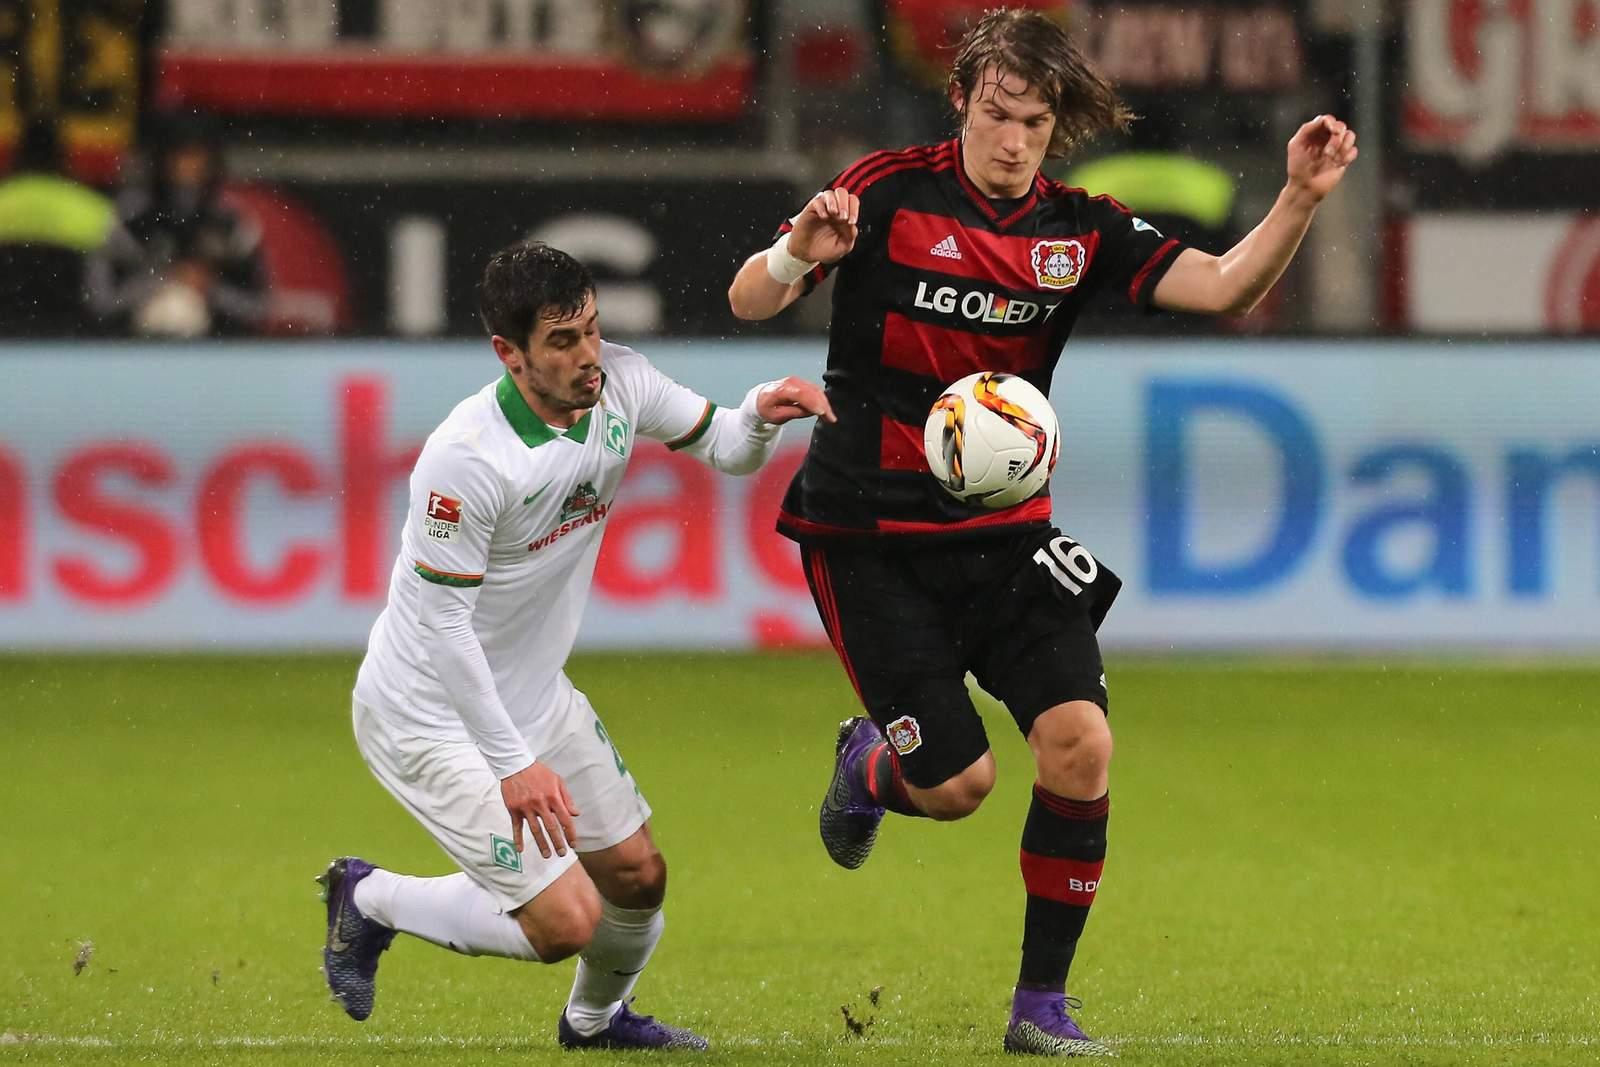 Tin Jedvaj ist vor Fin Bartels am Ball. Jetzt auf Werder Bremen gegen Leverkusen wetten!